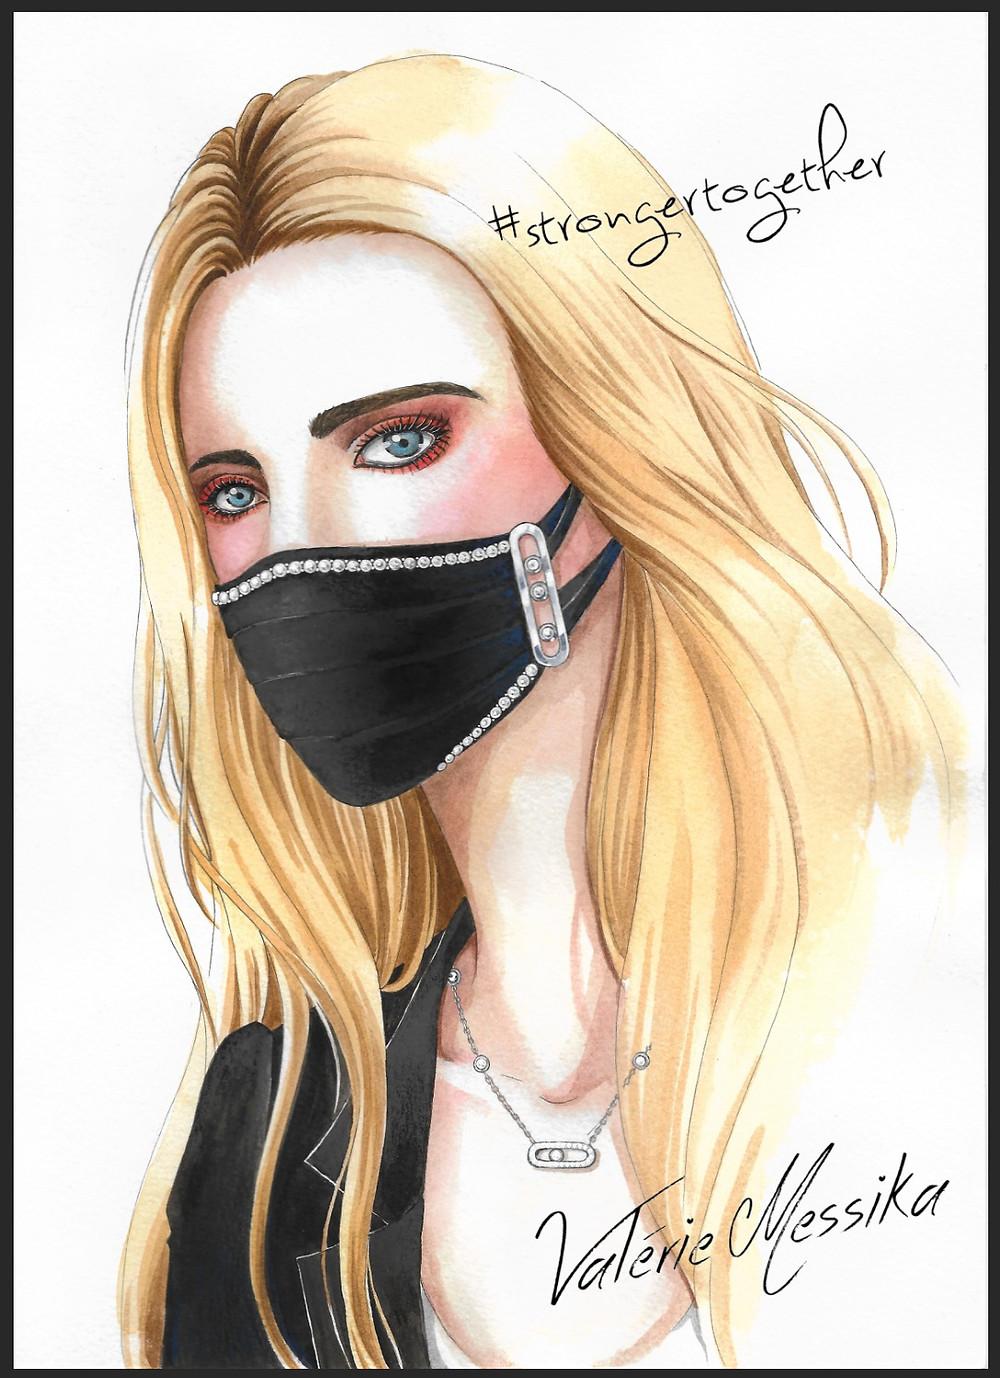 Le masque bijou piqué de trois diamants imaginé par Valérie Messika